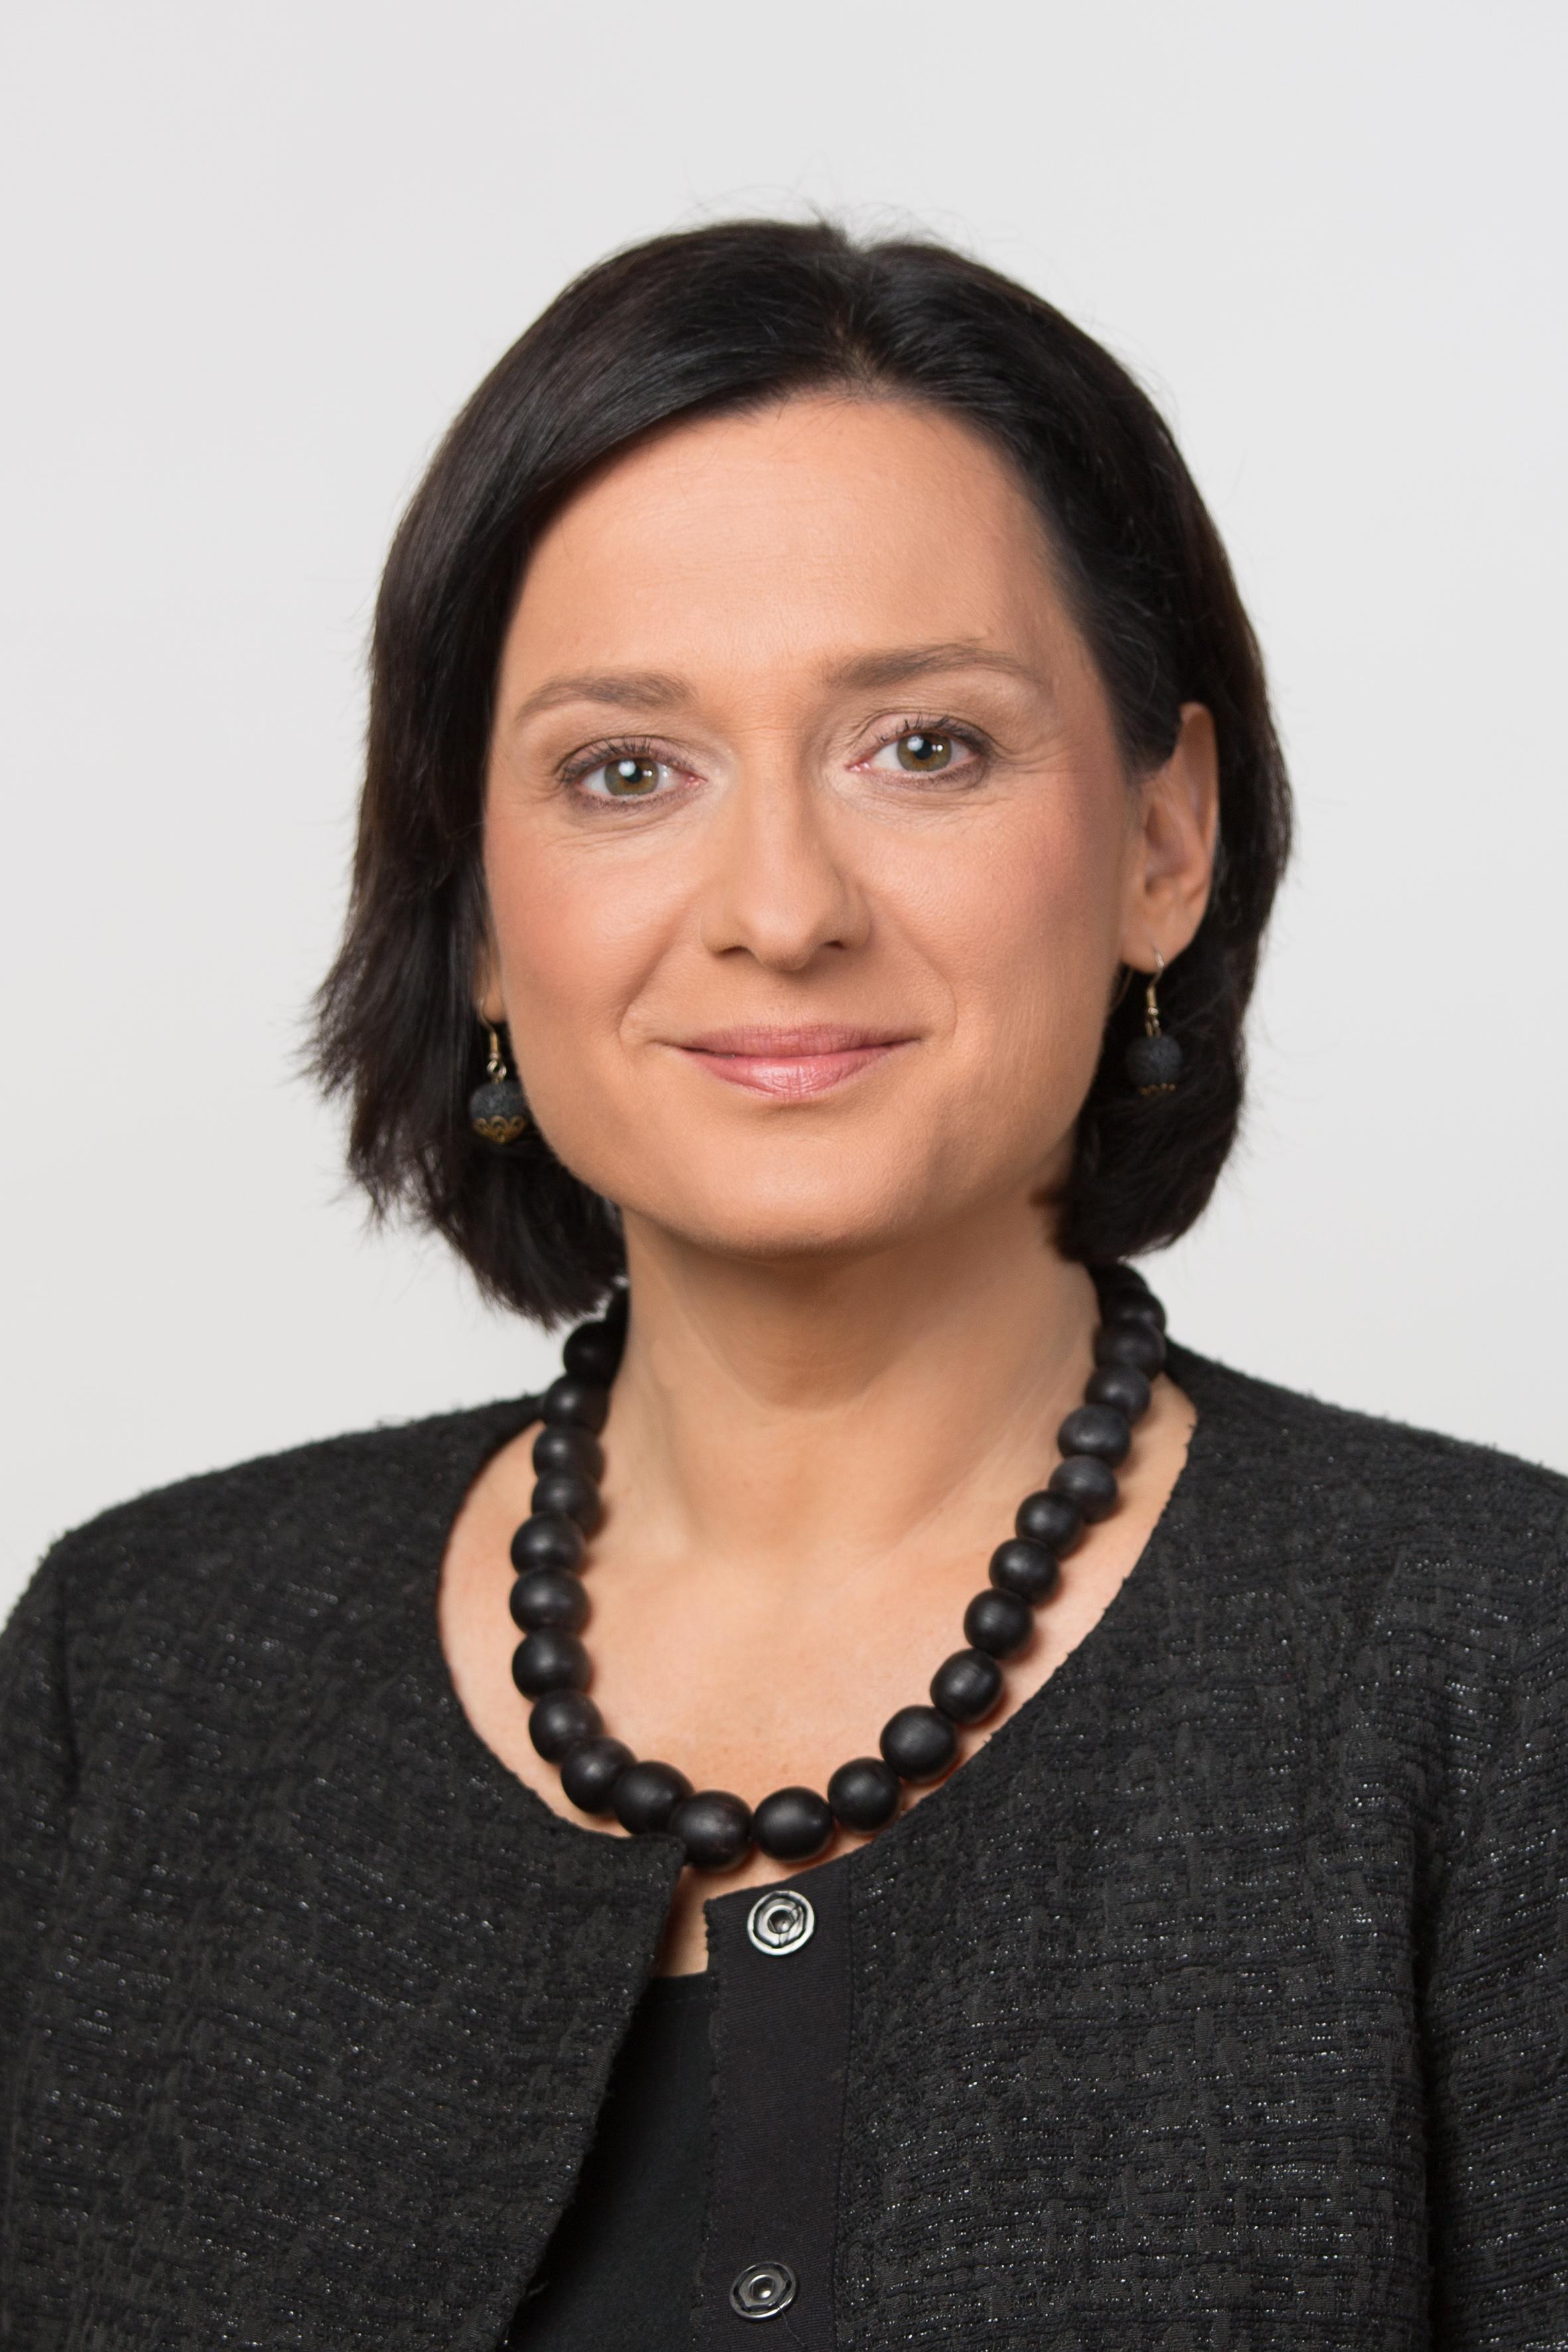 Quelle:  www.gudrunkugler.at/presse